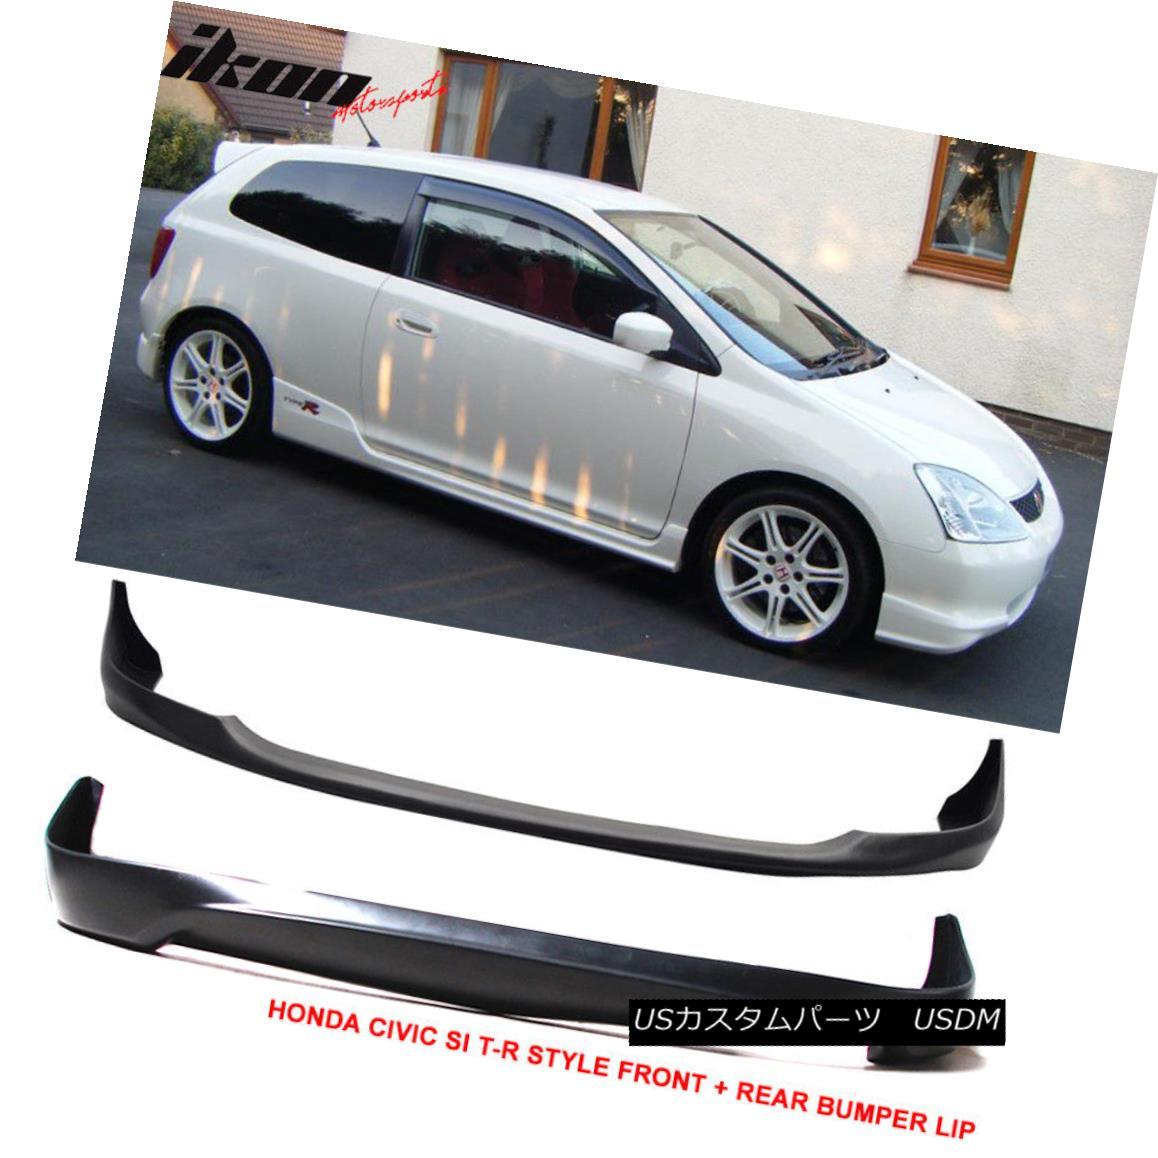 エアロパーツ Fits 02-05 Civic SI HB T-R Style Front + Rear Bumper Lip Unpainted -PU Urethane フィット02-05シビックSI HB T-Rスタイルフロント+リアバンパーリップ未塗装-PUウレタン